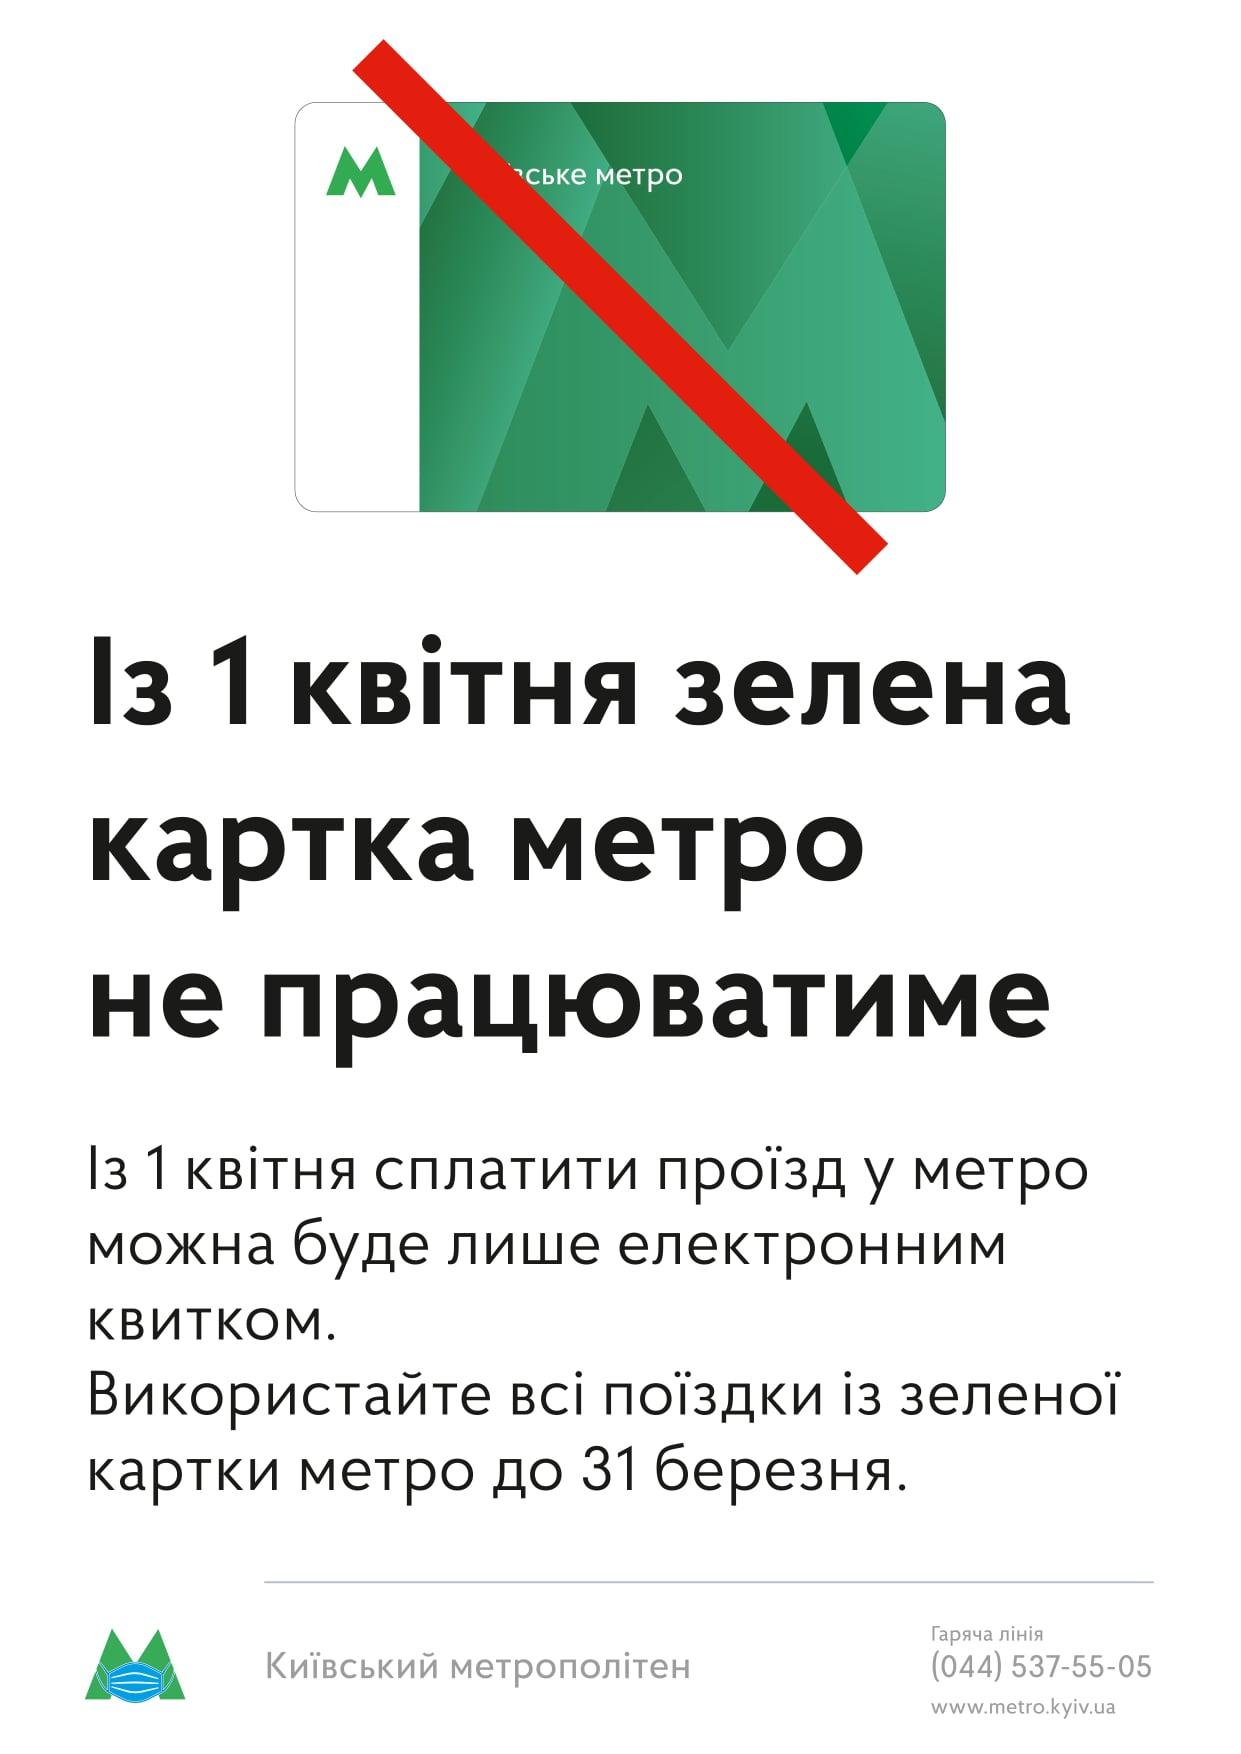 Метро Києва зробило важливу заяву для пасажирів: правила проїзду зміняться